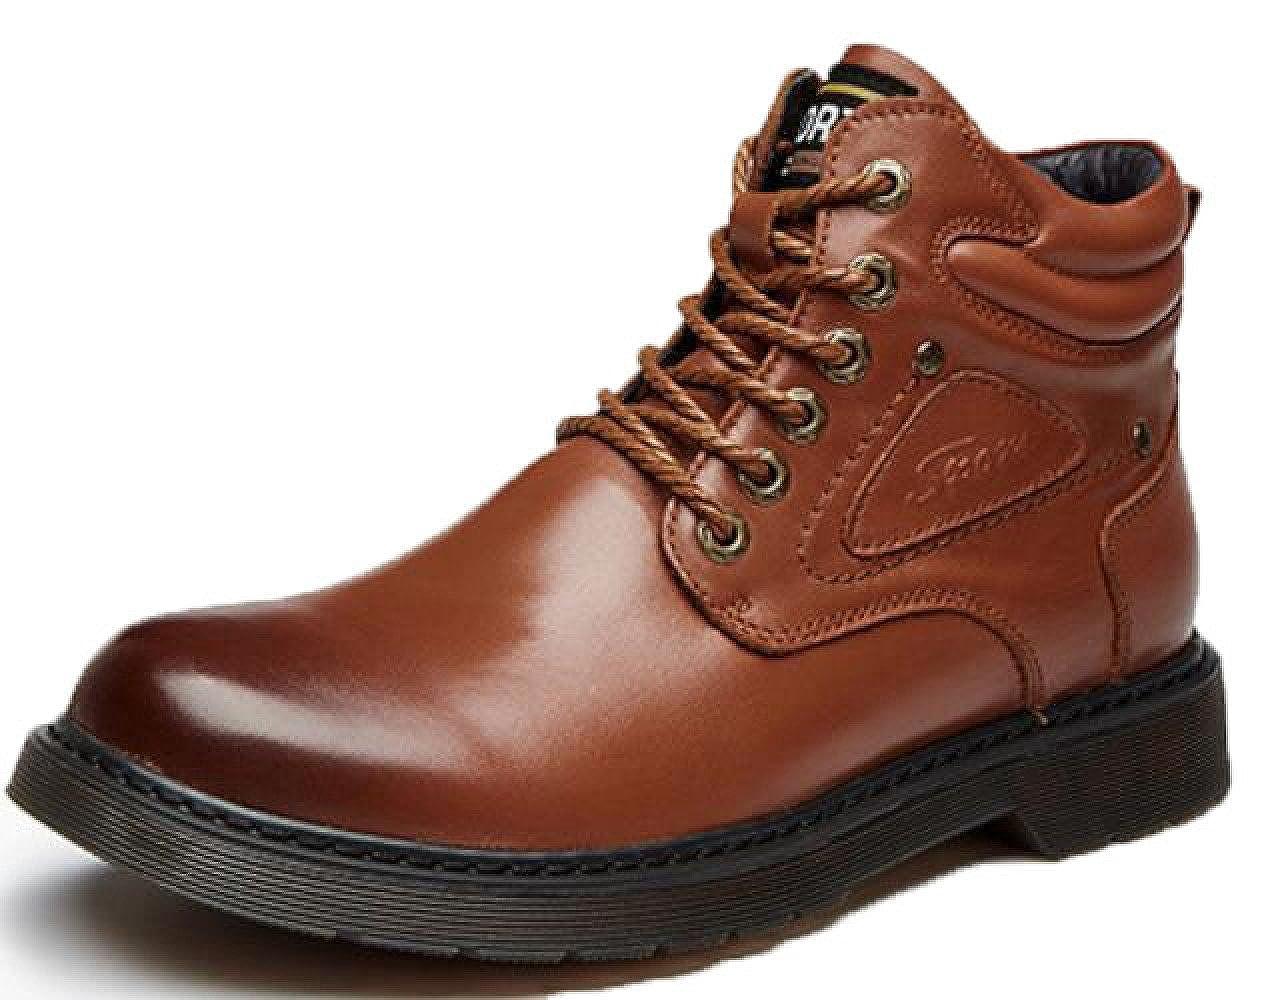 Herrenschuhe Leder Martin Stiefel Plus Samt Lässig Einzelne Schuhe Erhöhte Schuhe Freizeitschuhe,Gelb-braun-38